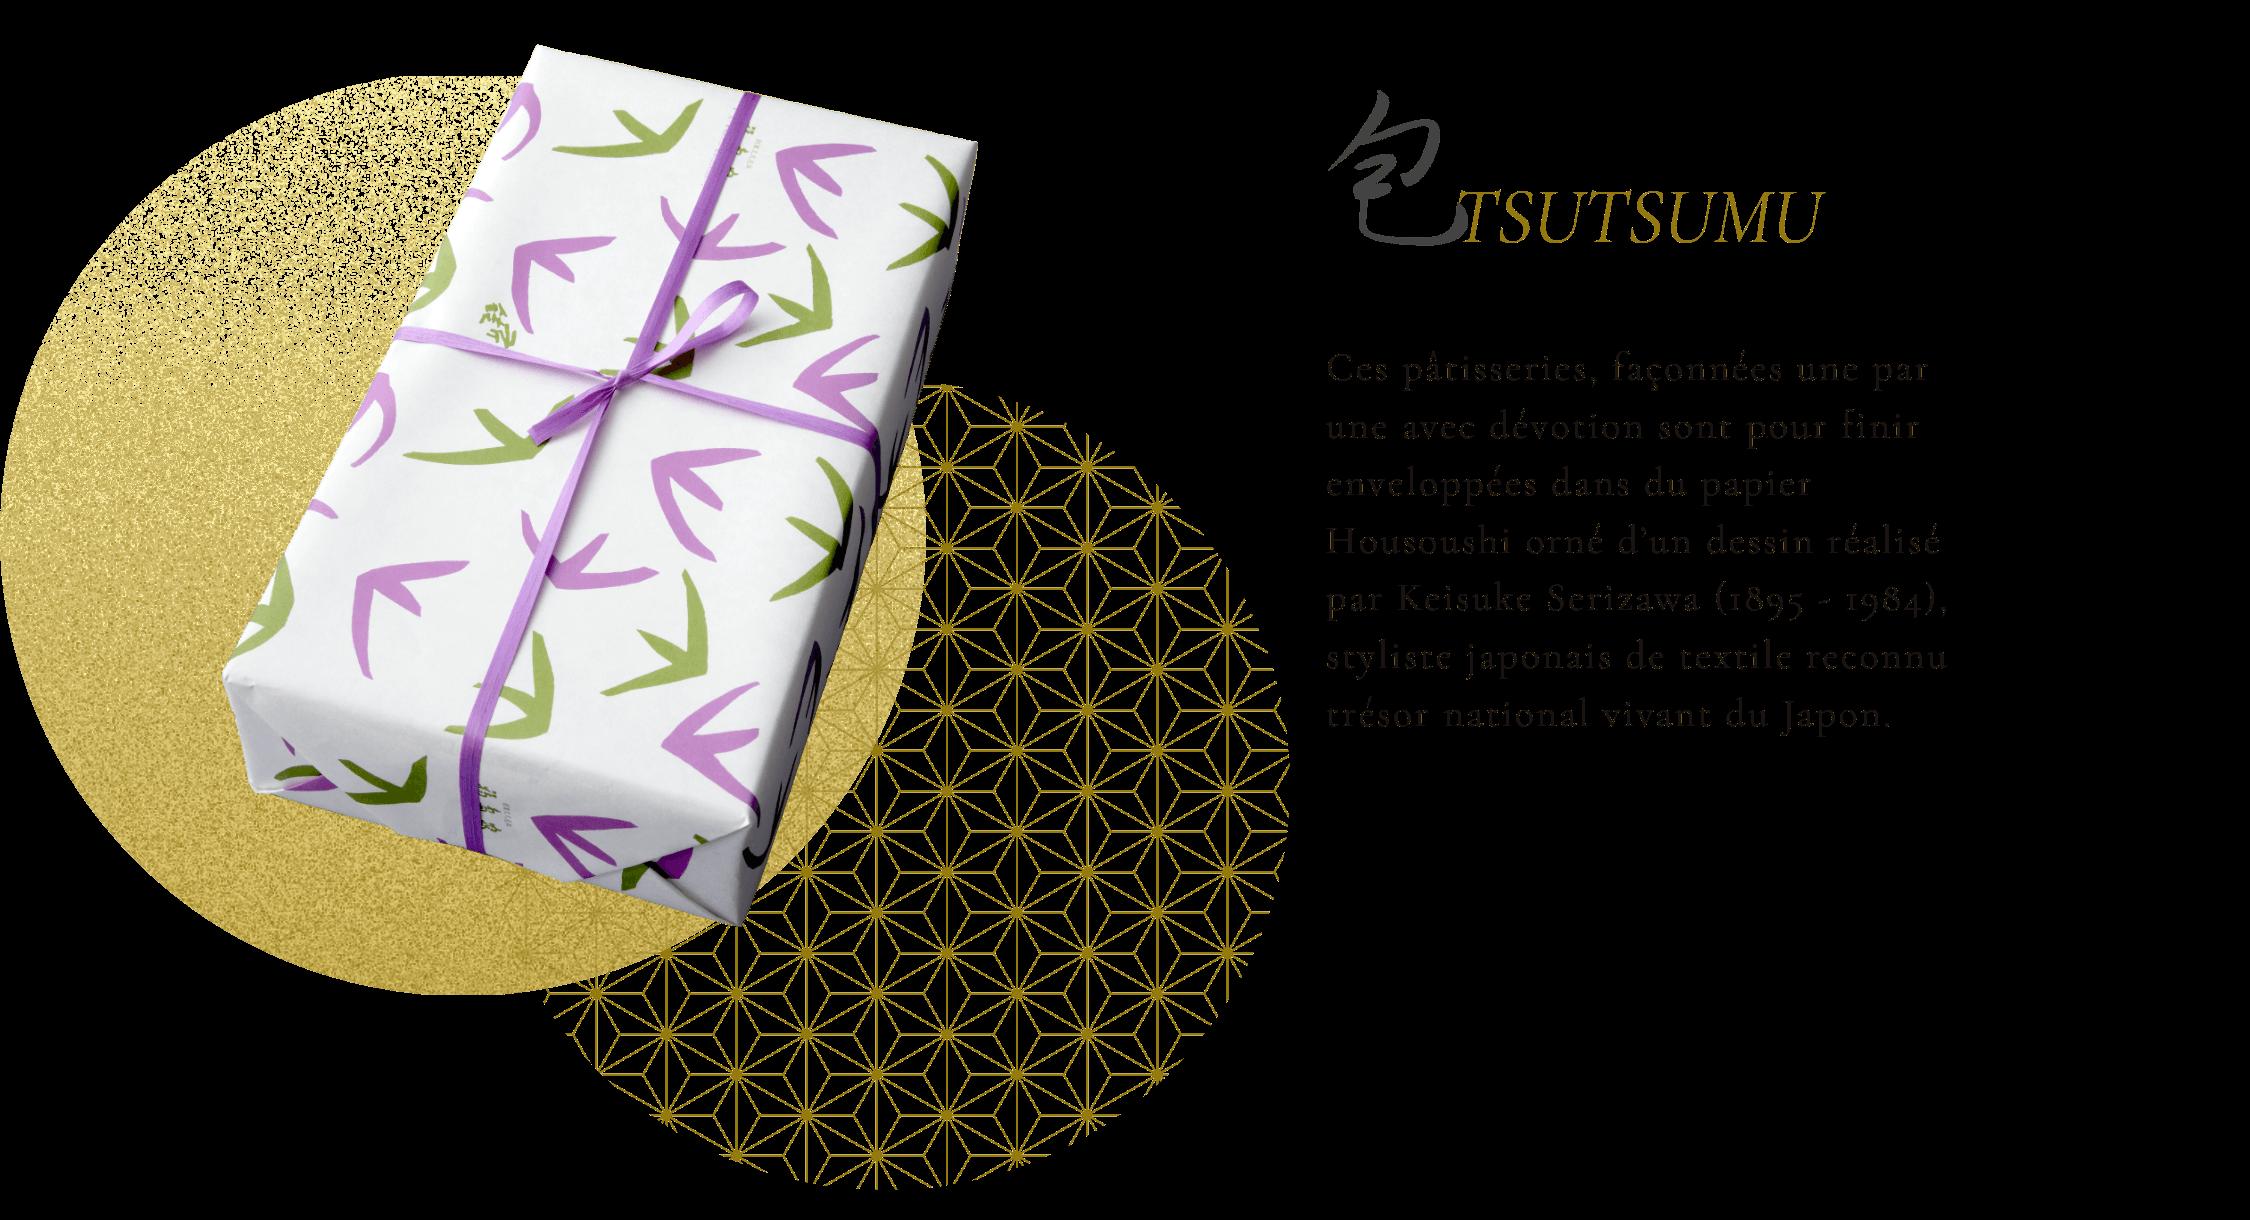 包 Ces pâtisseries, façonnées une par une (répétition mais si photo entre ok) avec dévotion sont pour finir enveloppées dans du papier Housoushi orné d'un dessin réalisé par Keisuke Serizawa (1895 - 1984), styliste japonais de textile reconnu trésor national vivant du Japon.